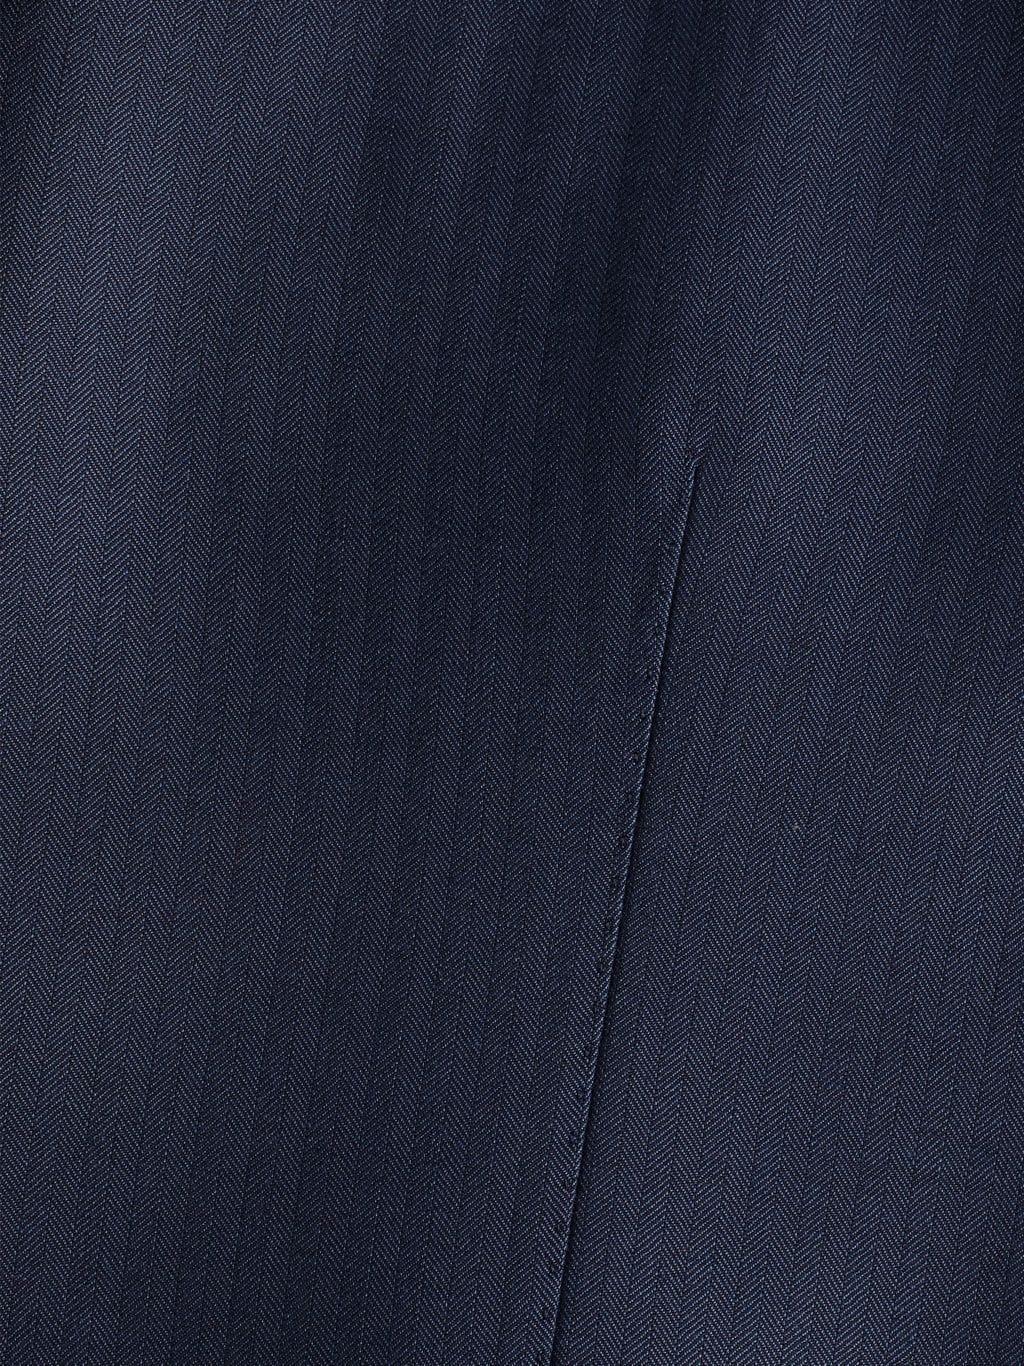 Saks Fifth Avenue Made in Italy Modern-Fit Herringbone Wool Suit